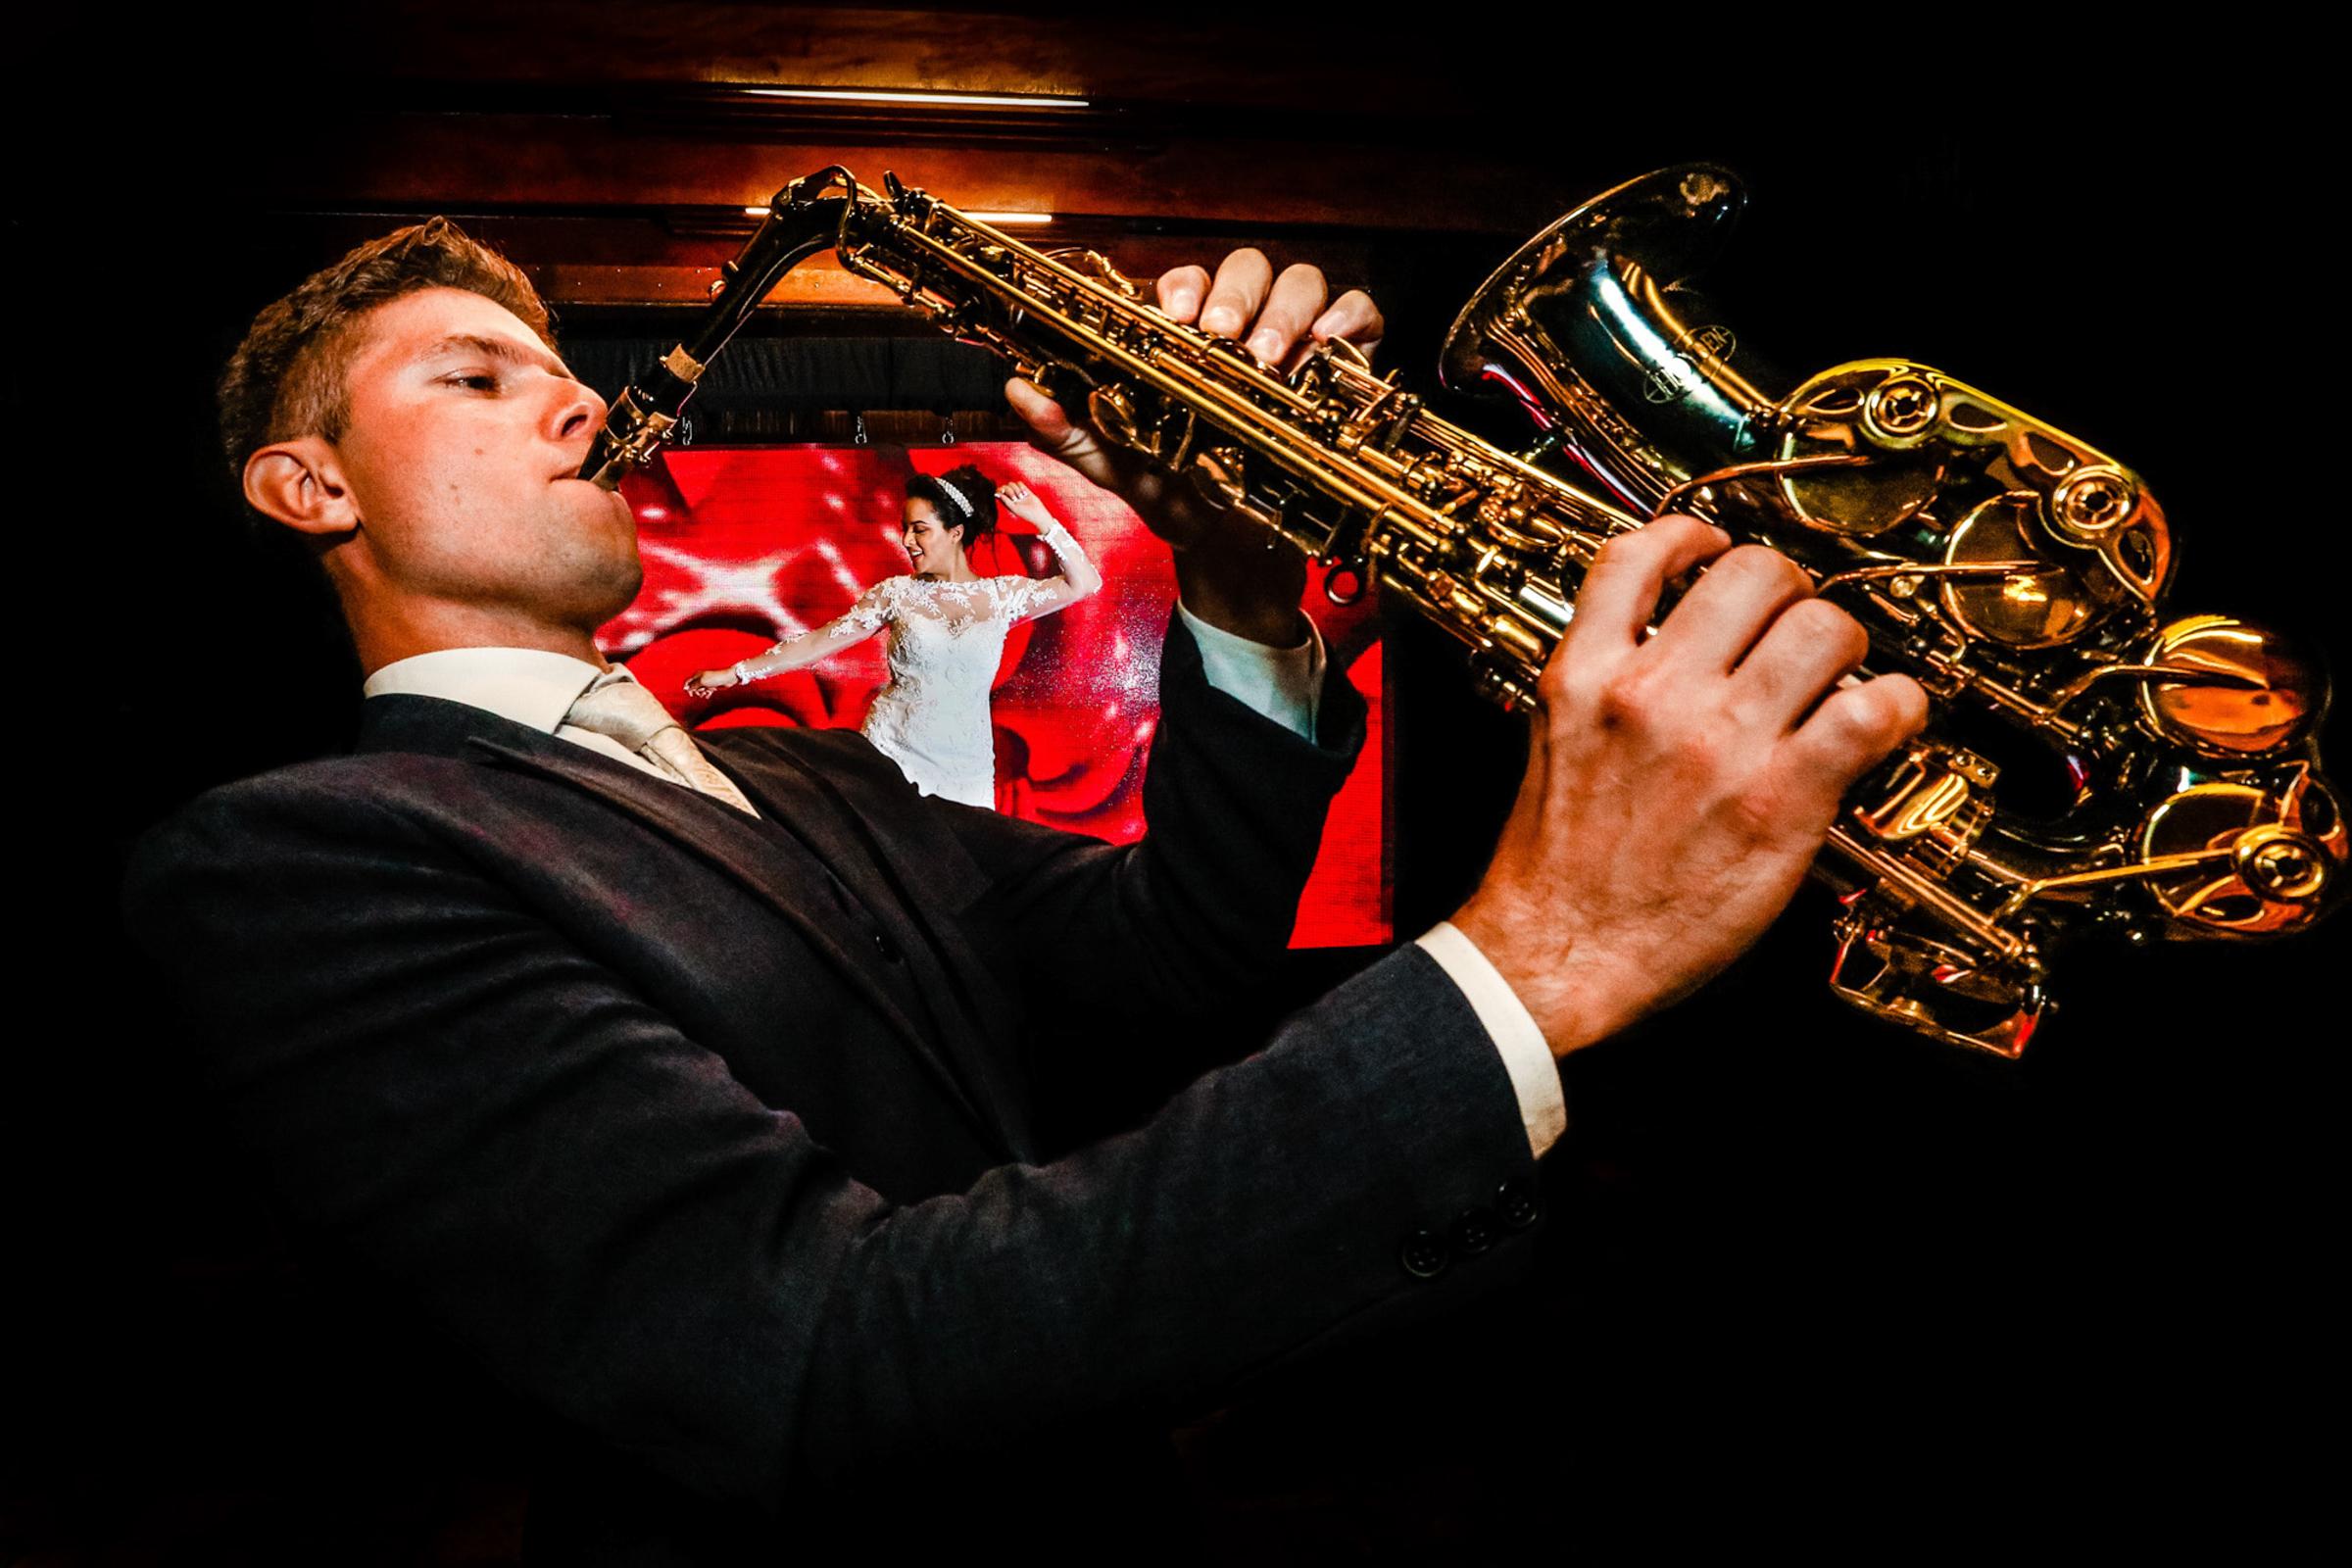 sax-player-with-dancing-bride-area-da-fotografia